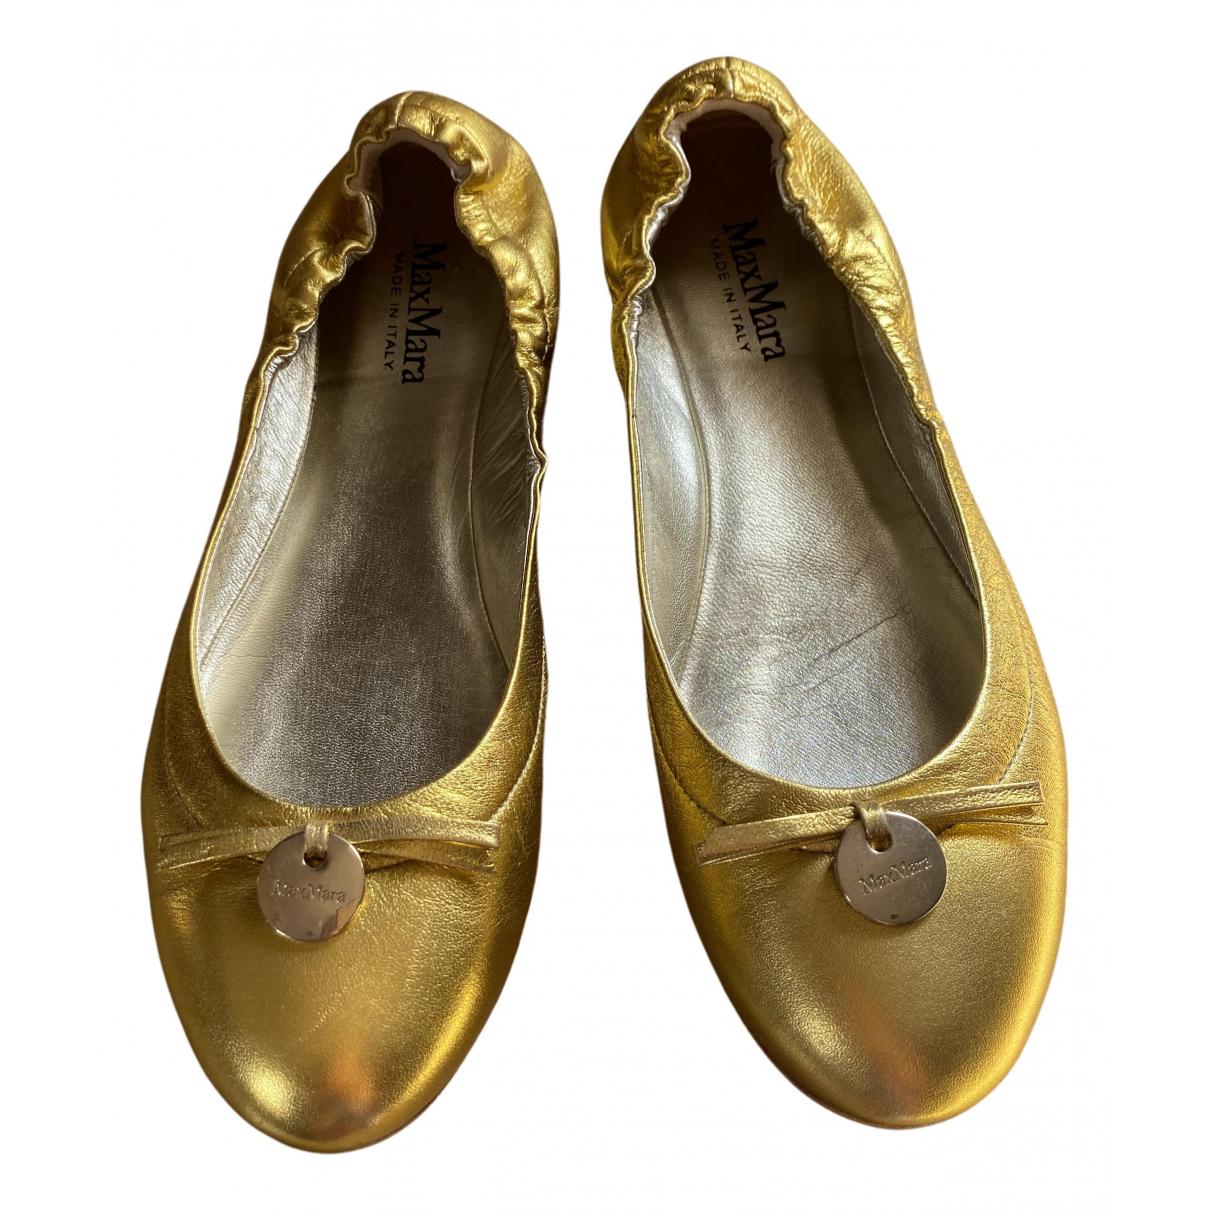 Bailarinas de Cuero Max Mara